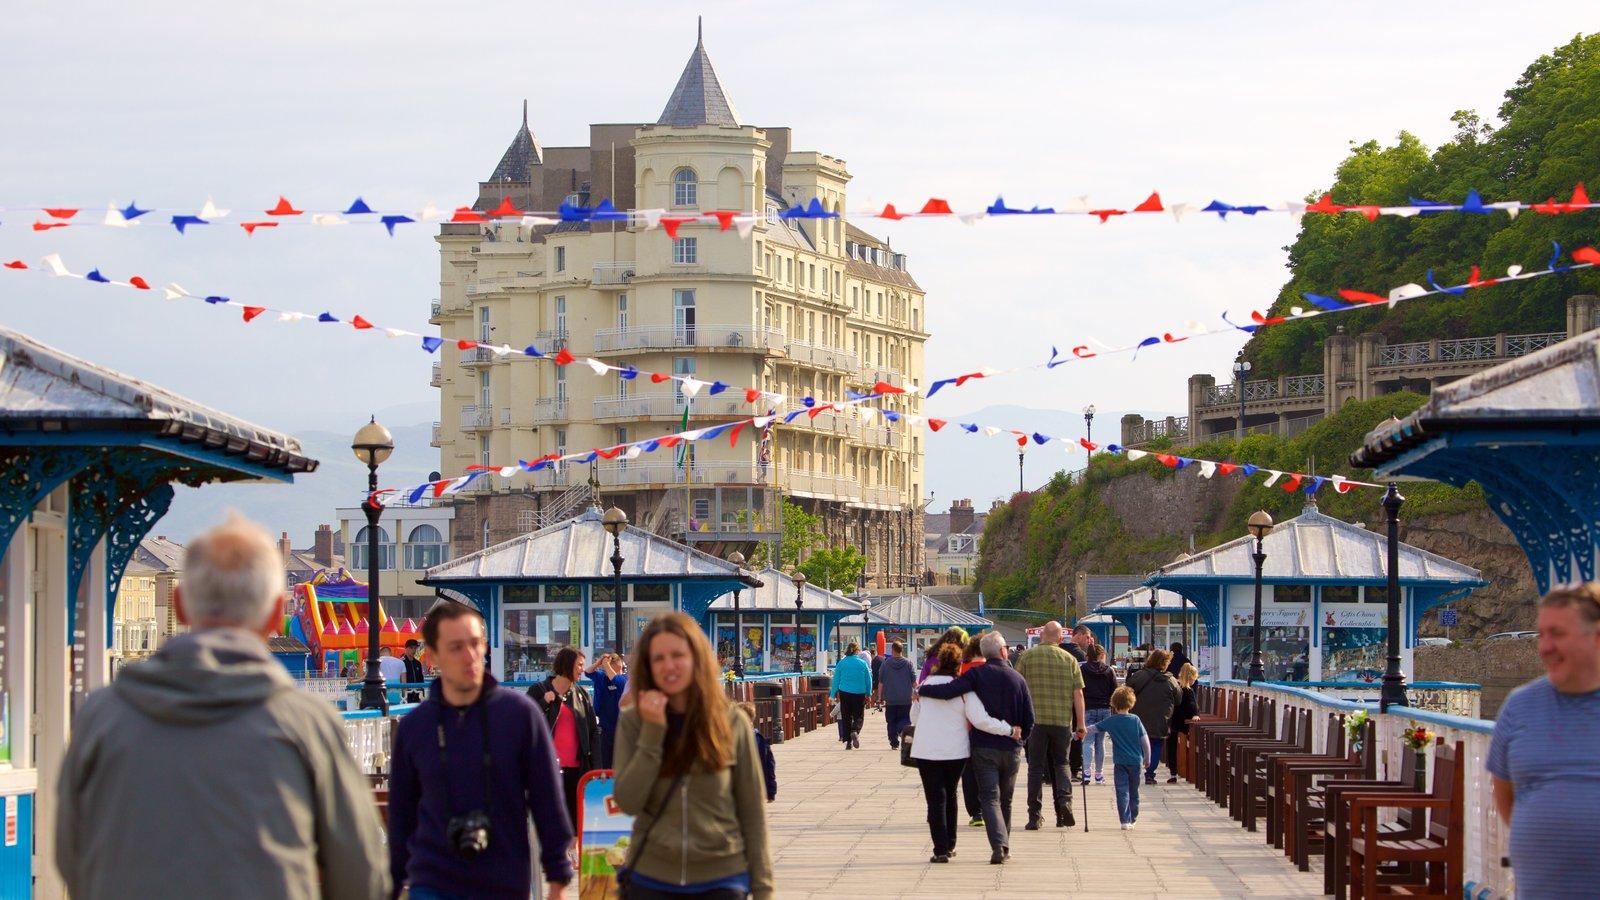 Llandudno Pier ofreciendo escenas urbanas y también un gran grupo de personas